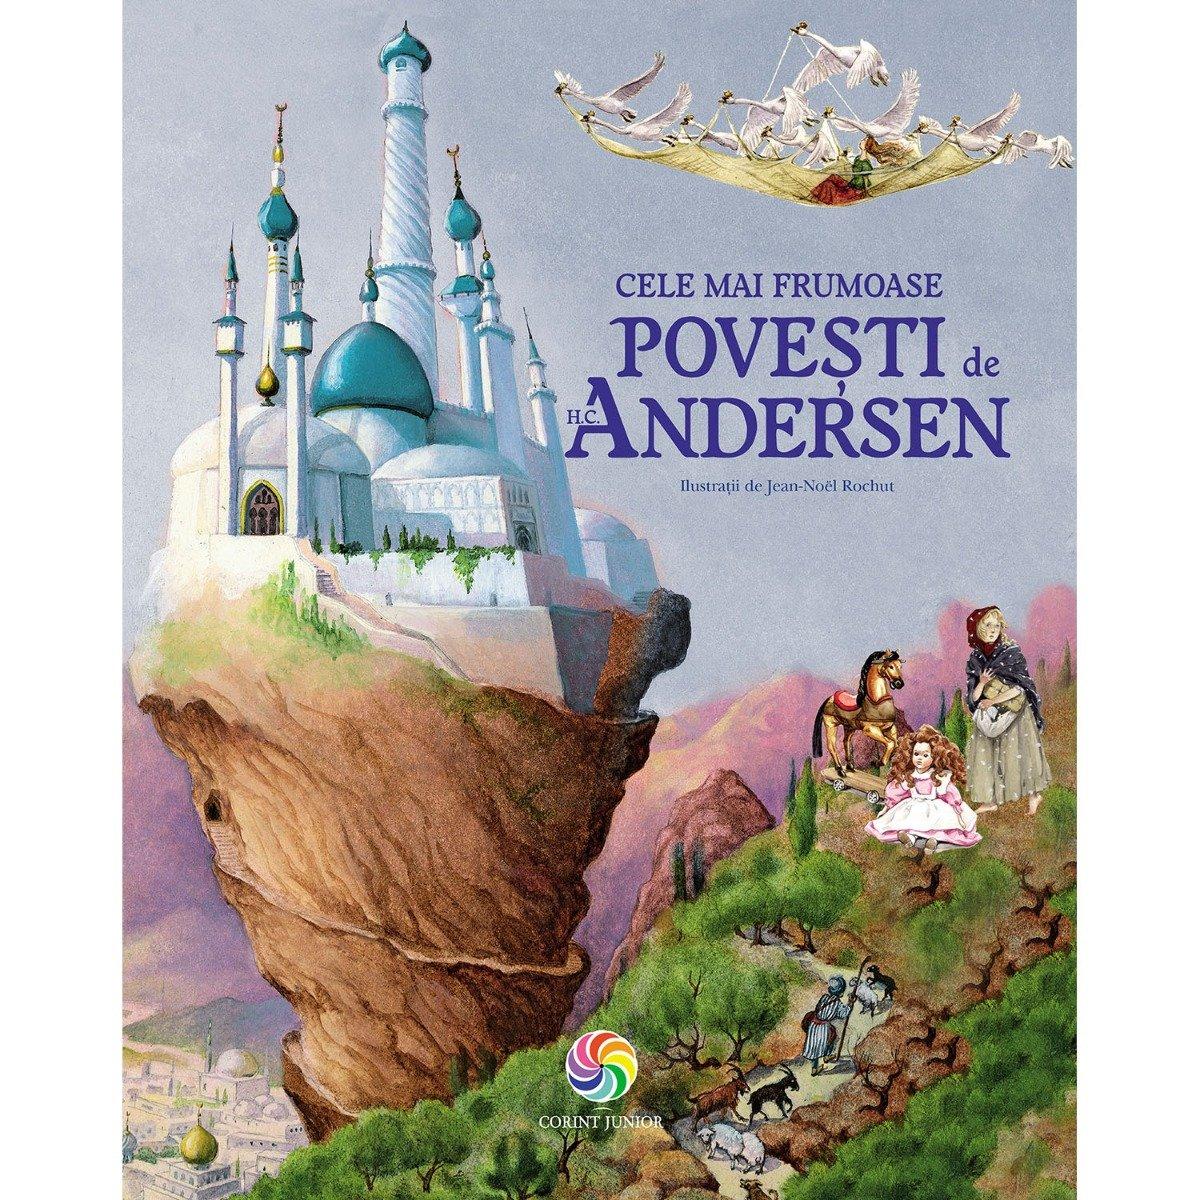 Carte Editura Corint, Cele mai frumoase povesti de H. C. Andersen